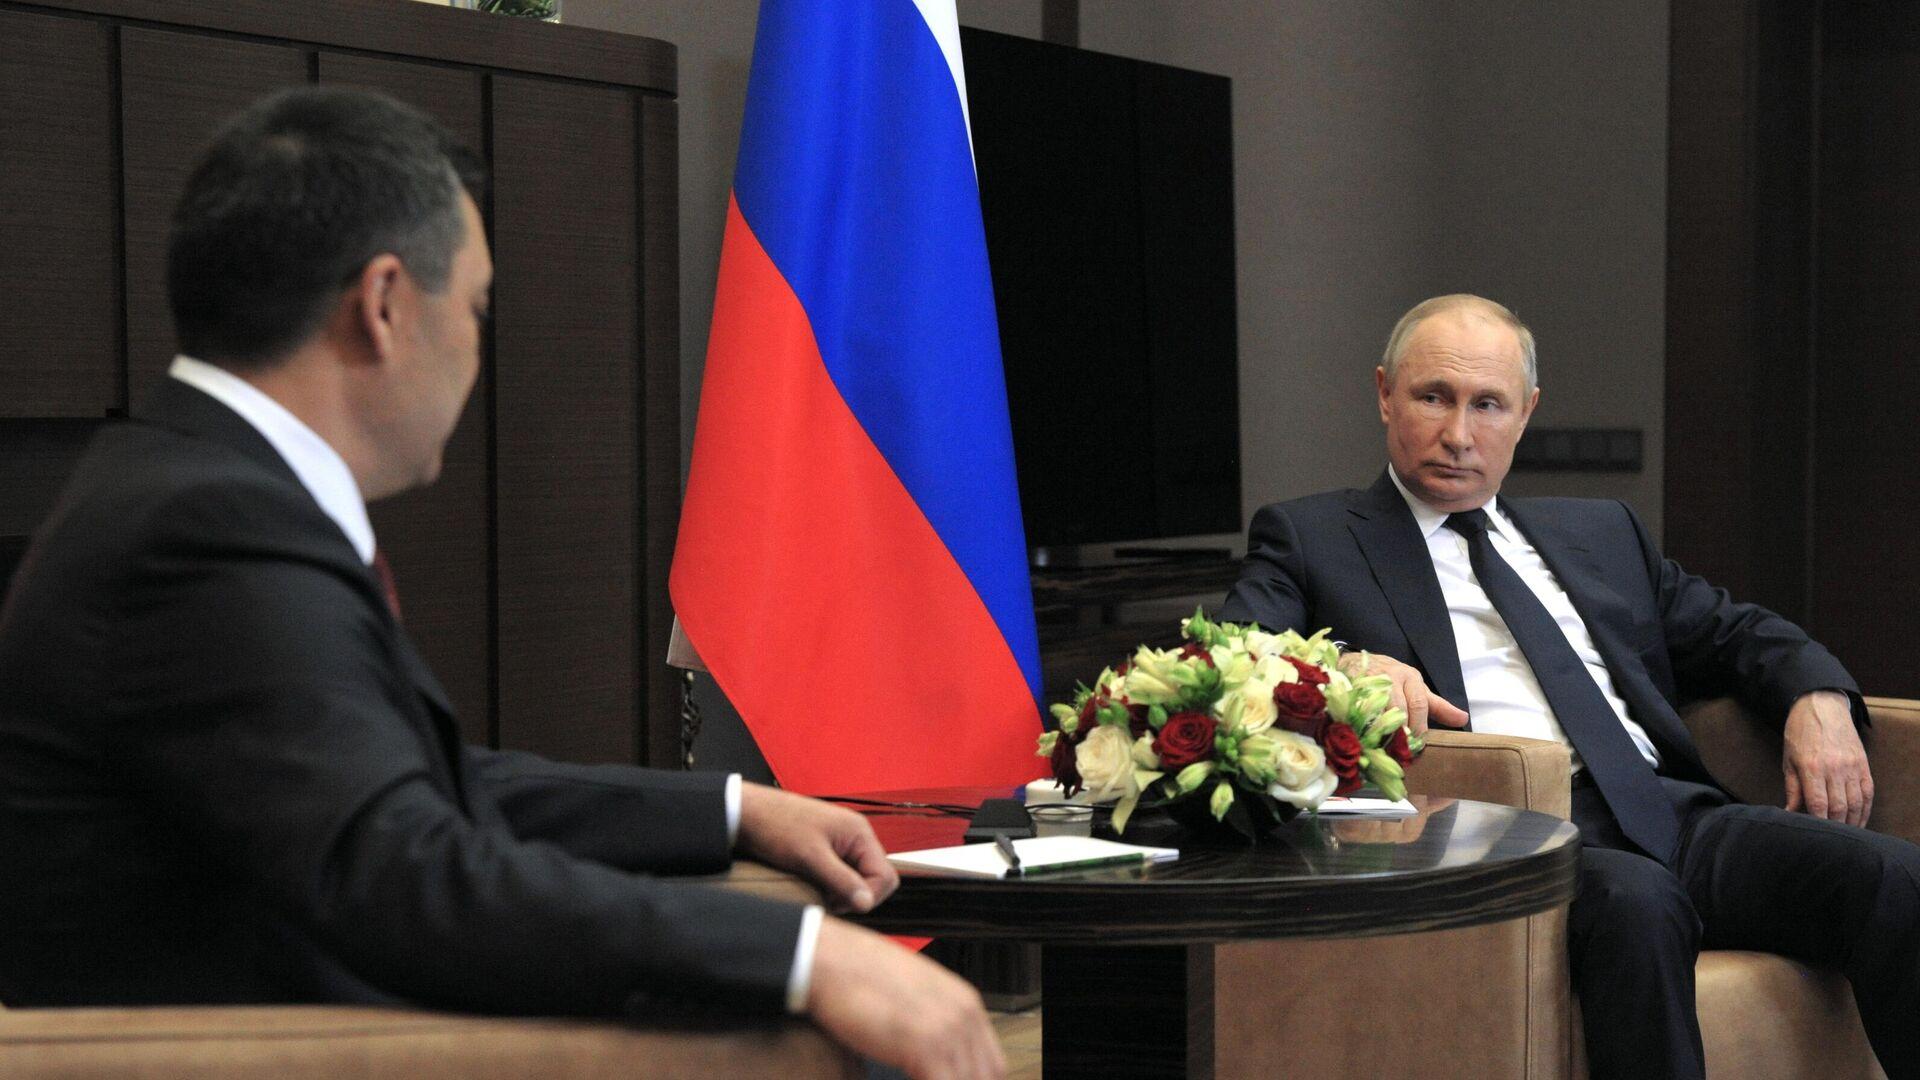 Президент РФ Владимир Путин и президент Киргизии Садыр Жапаров во время встречи - РИА Новости, 1920, 24.05.2021